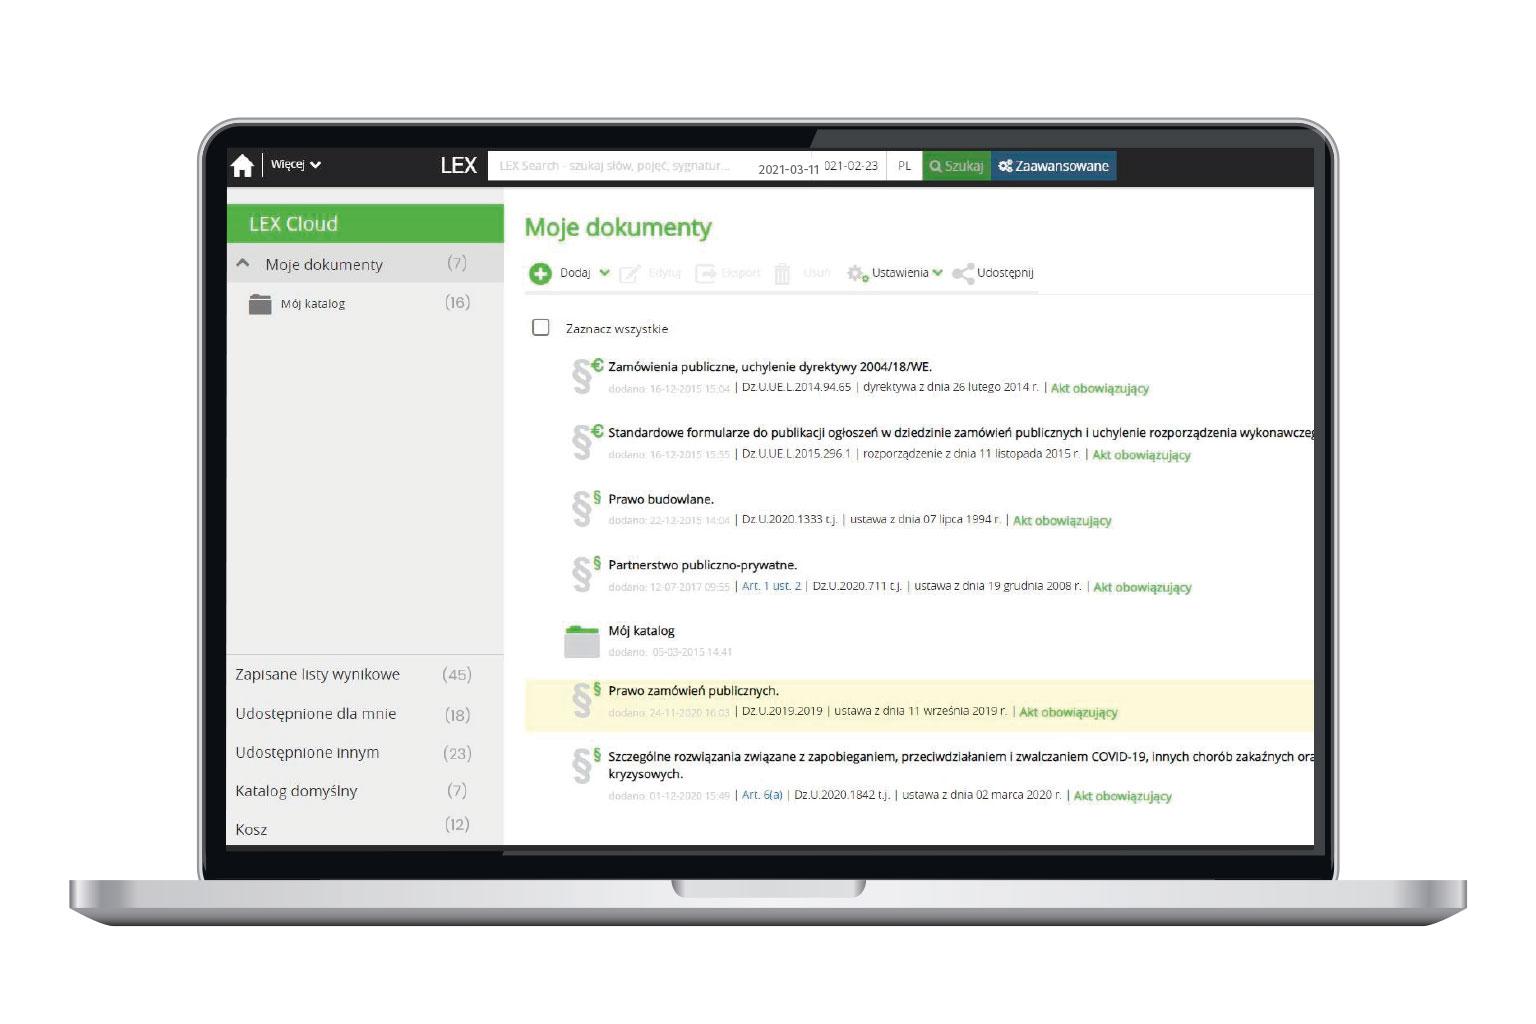 Aktówka lub LEX Cloud w LEX Zamówienia Publiczne